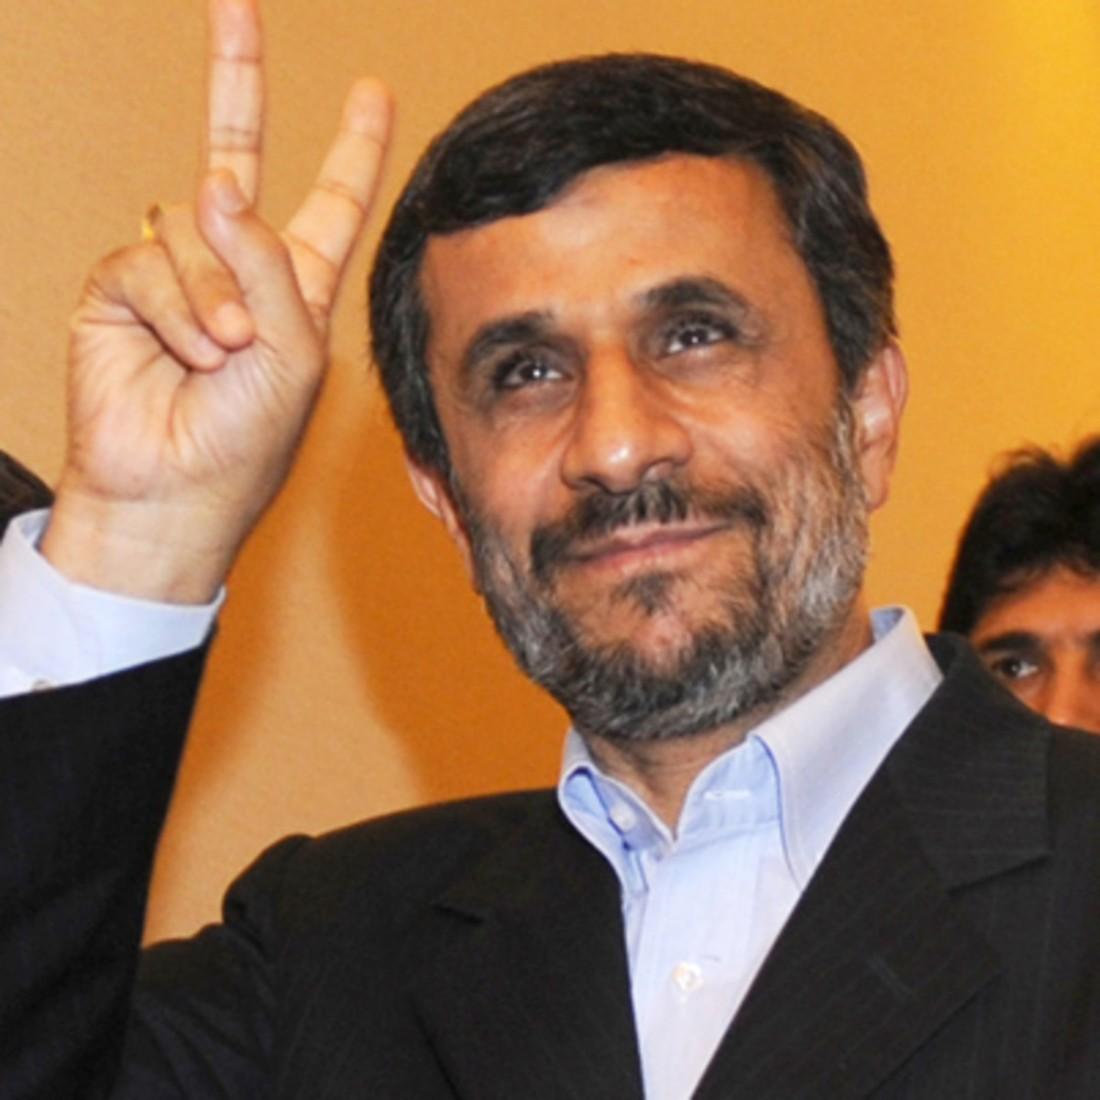 mahmoud-ahmadinejad-38656-1-402.jpg